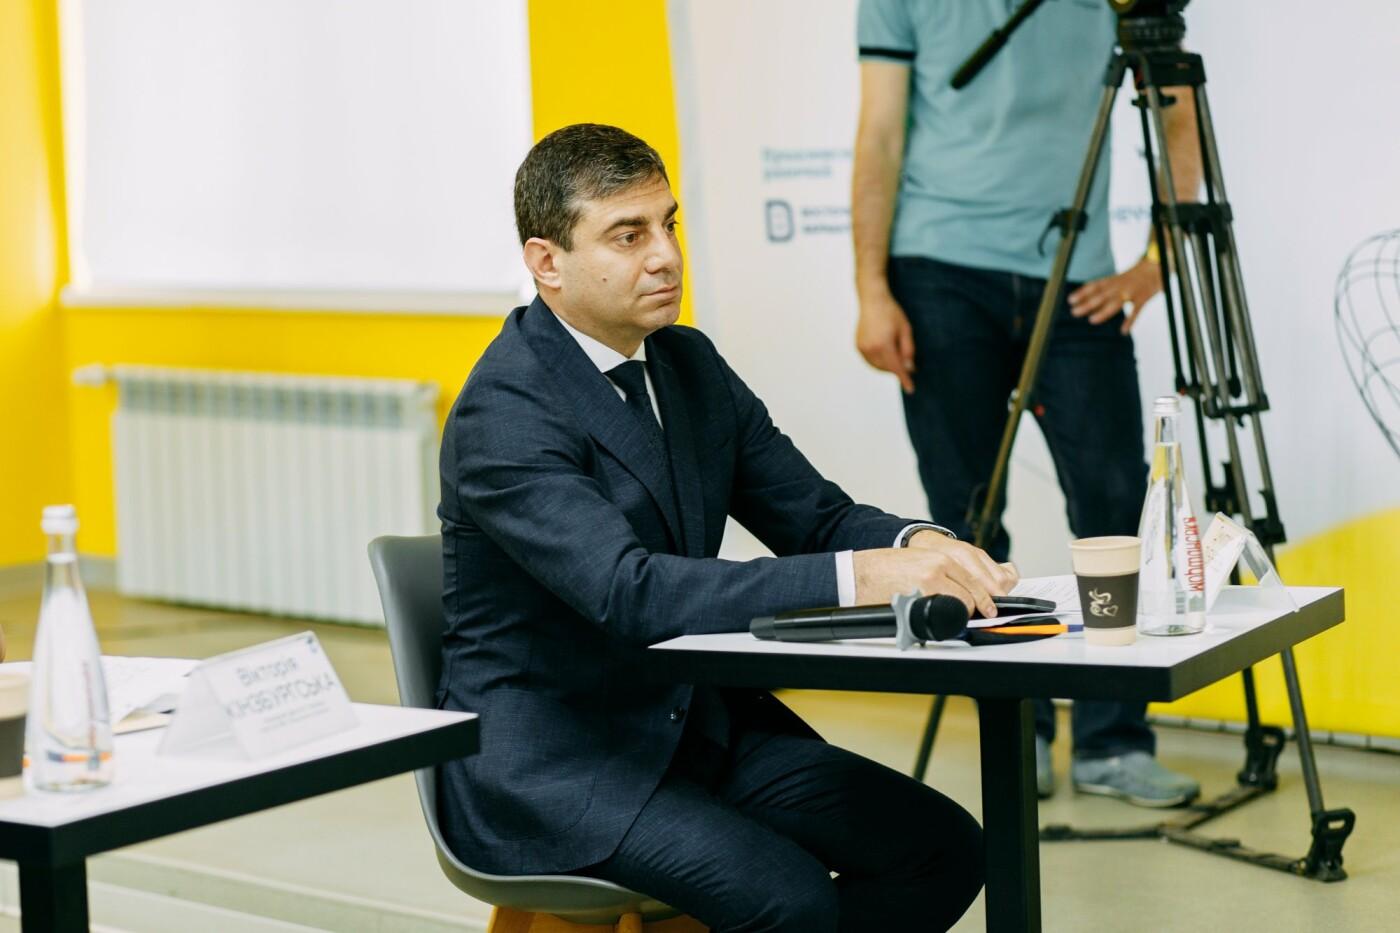 """Дмитрий Лубинец: """"Мы хотим защитить все нацменьшины в Украине"""".  В Мариуполе обсудили законопроект о национальных меньшинствах, фото-3"""